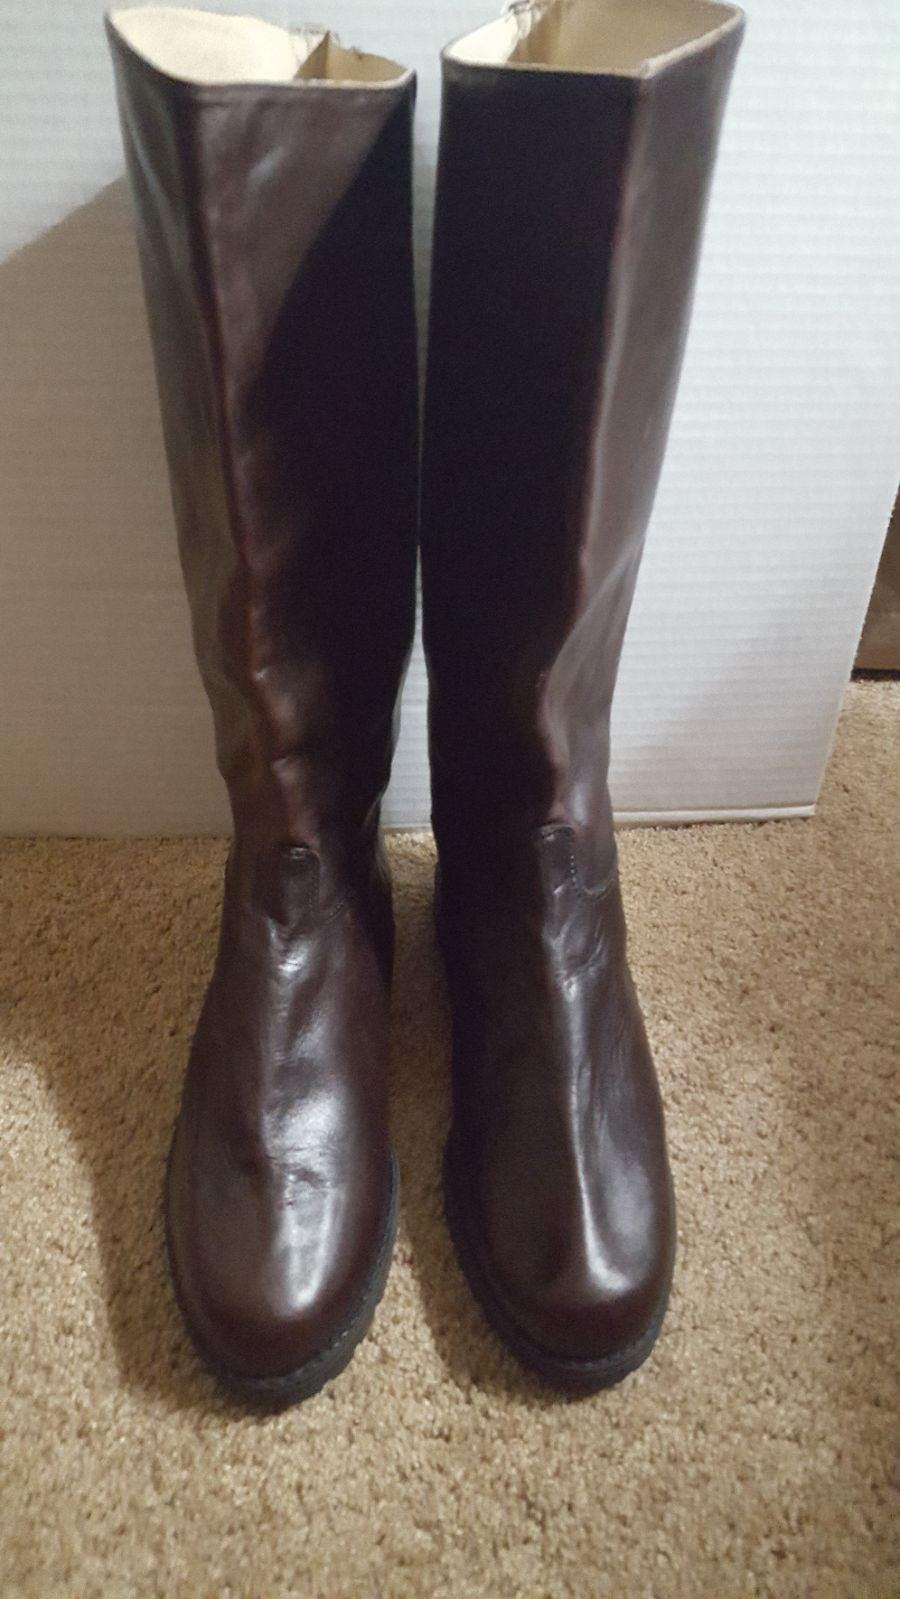 Eddie Bauer women's boots